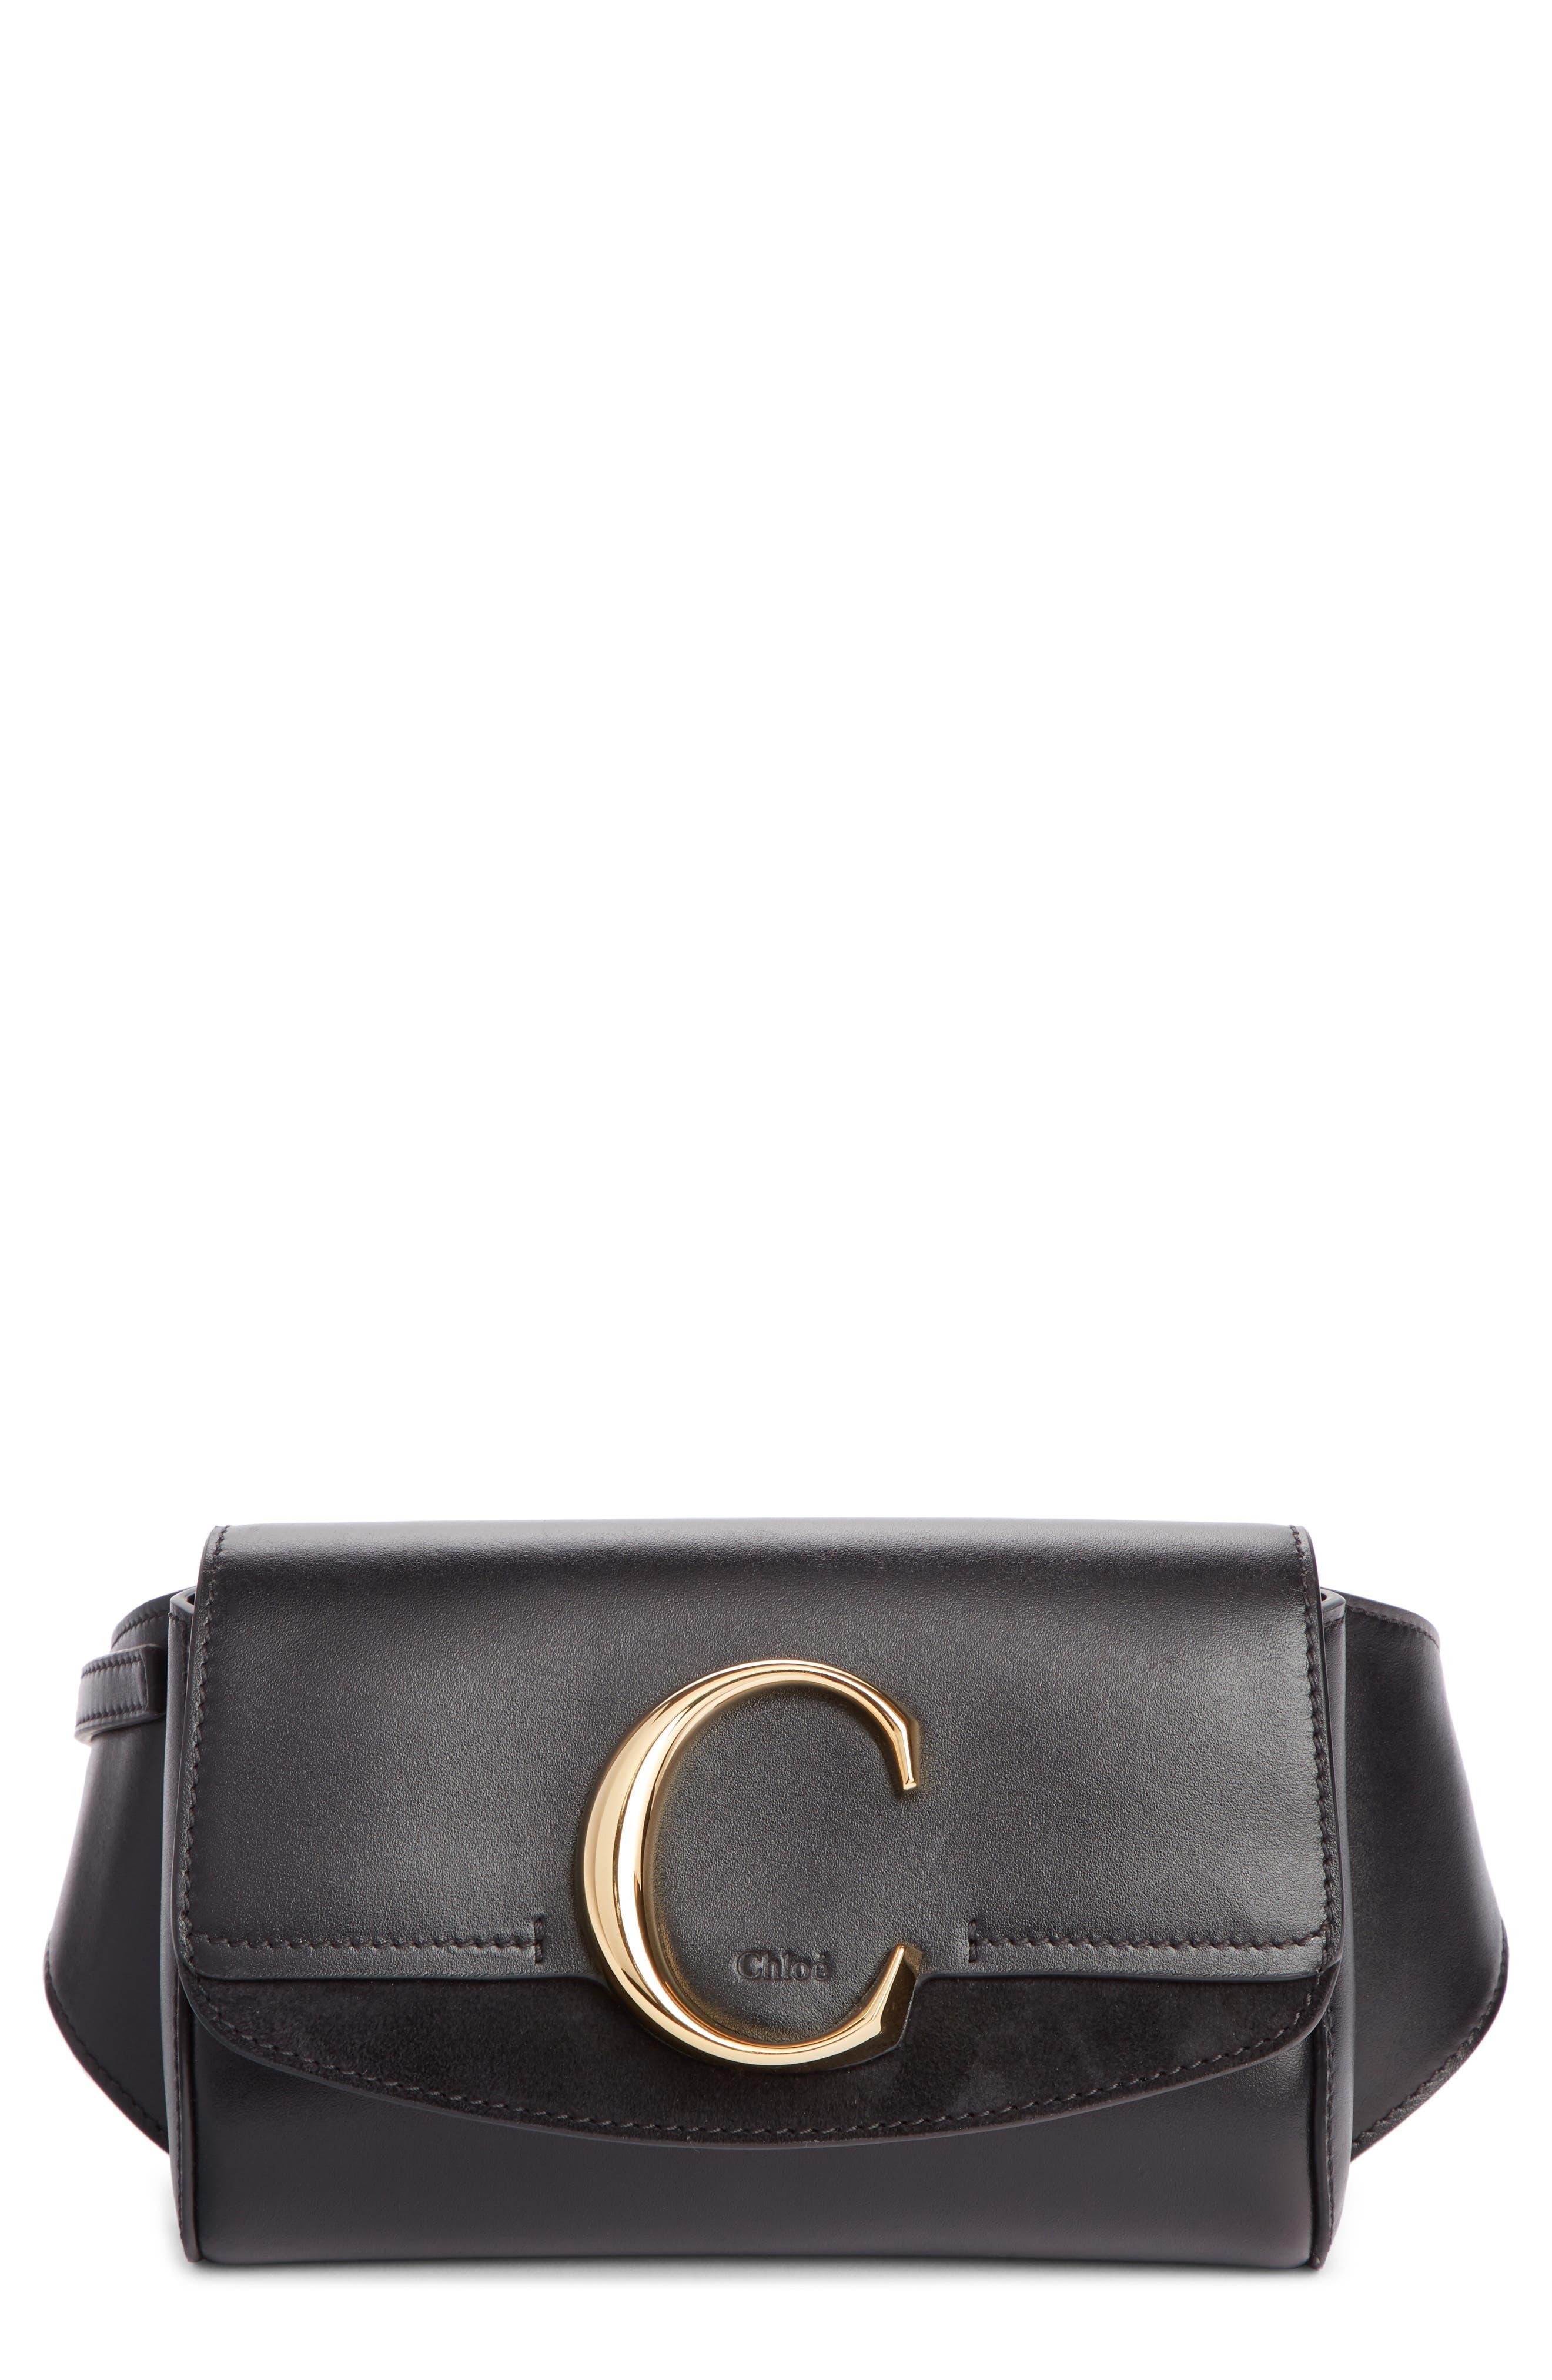 CHLOÉ C Leather Convertible Belt Bag, Main, color, BLACK